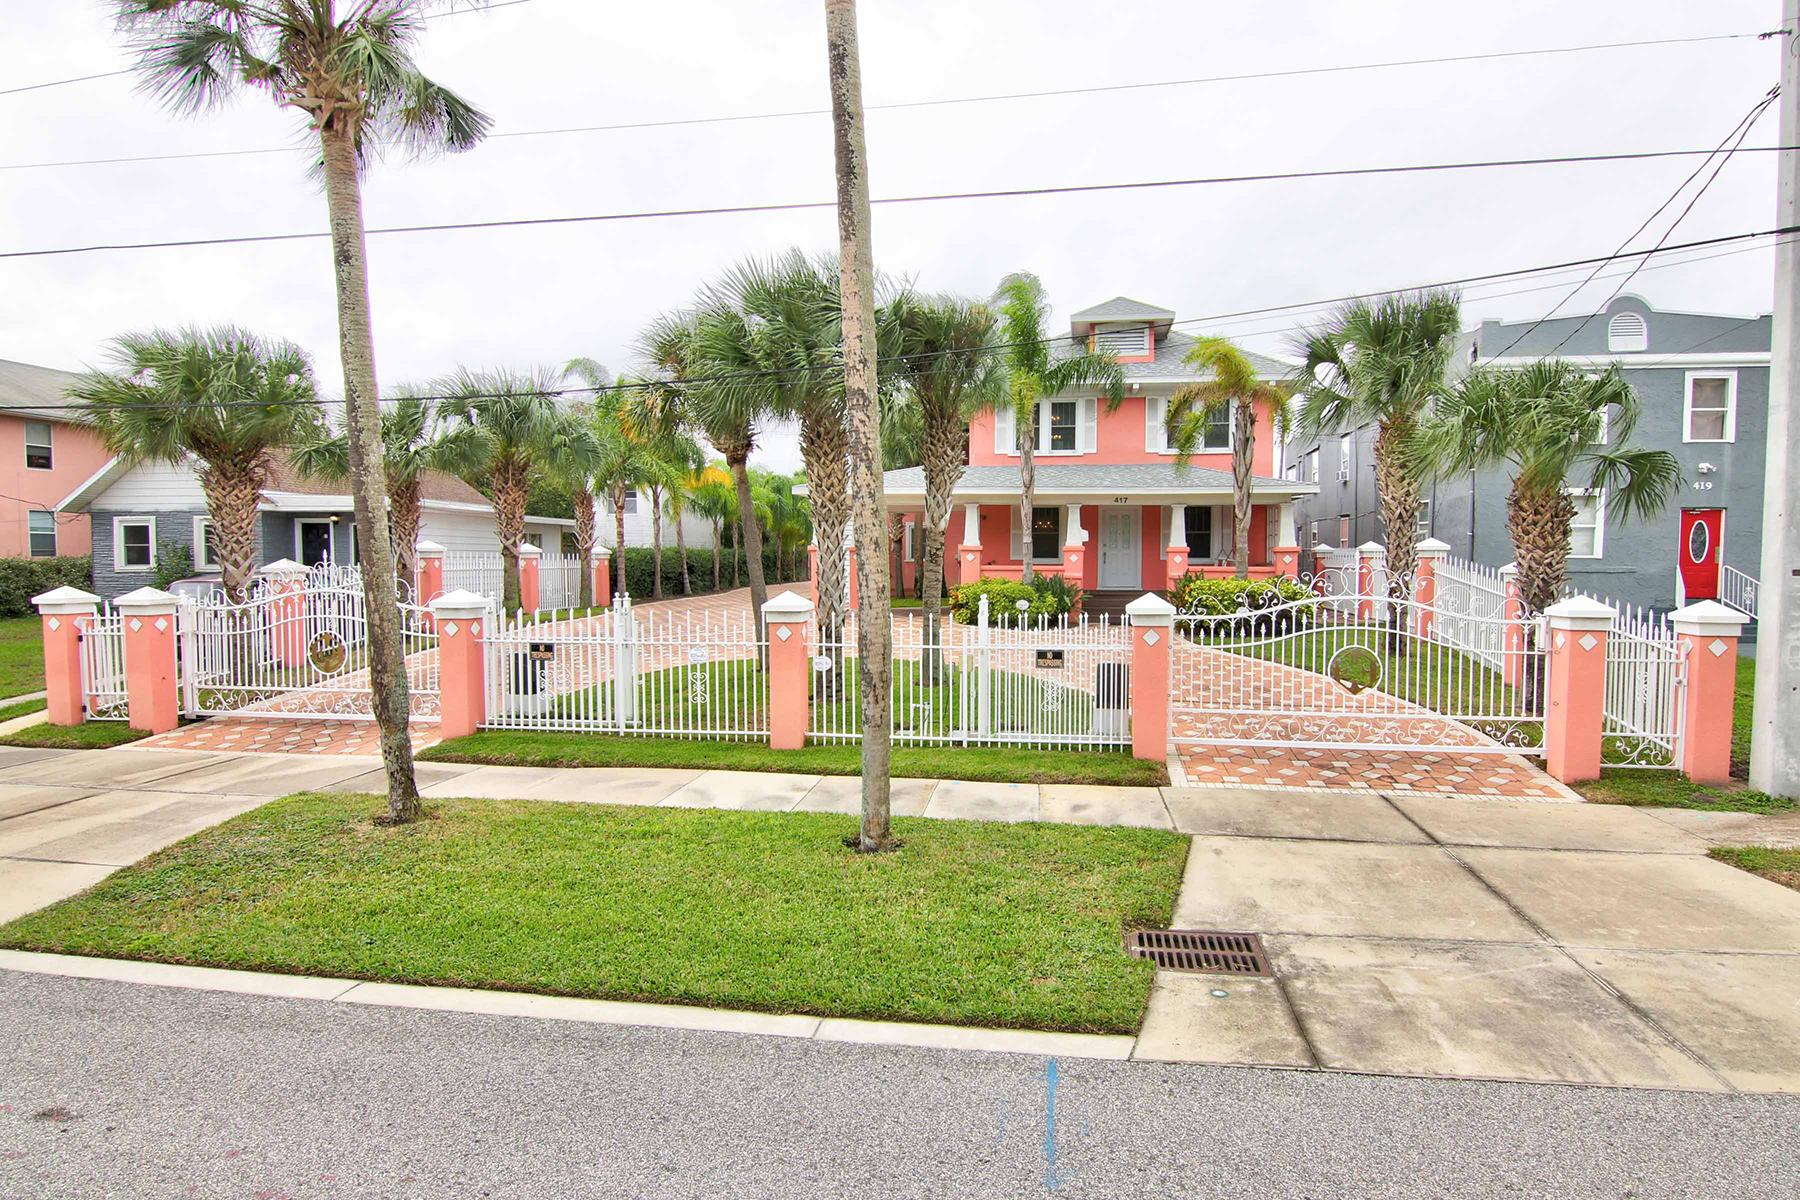 Tek Ailelik Ev için Satış at 417 N Wild Olive Ave , Daytona Beach, FL 32118 417 N Wild Olive Ave Daytona Beach, Florida 32118 Amerika Birleşik Devletleri